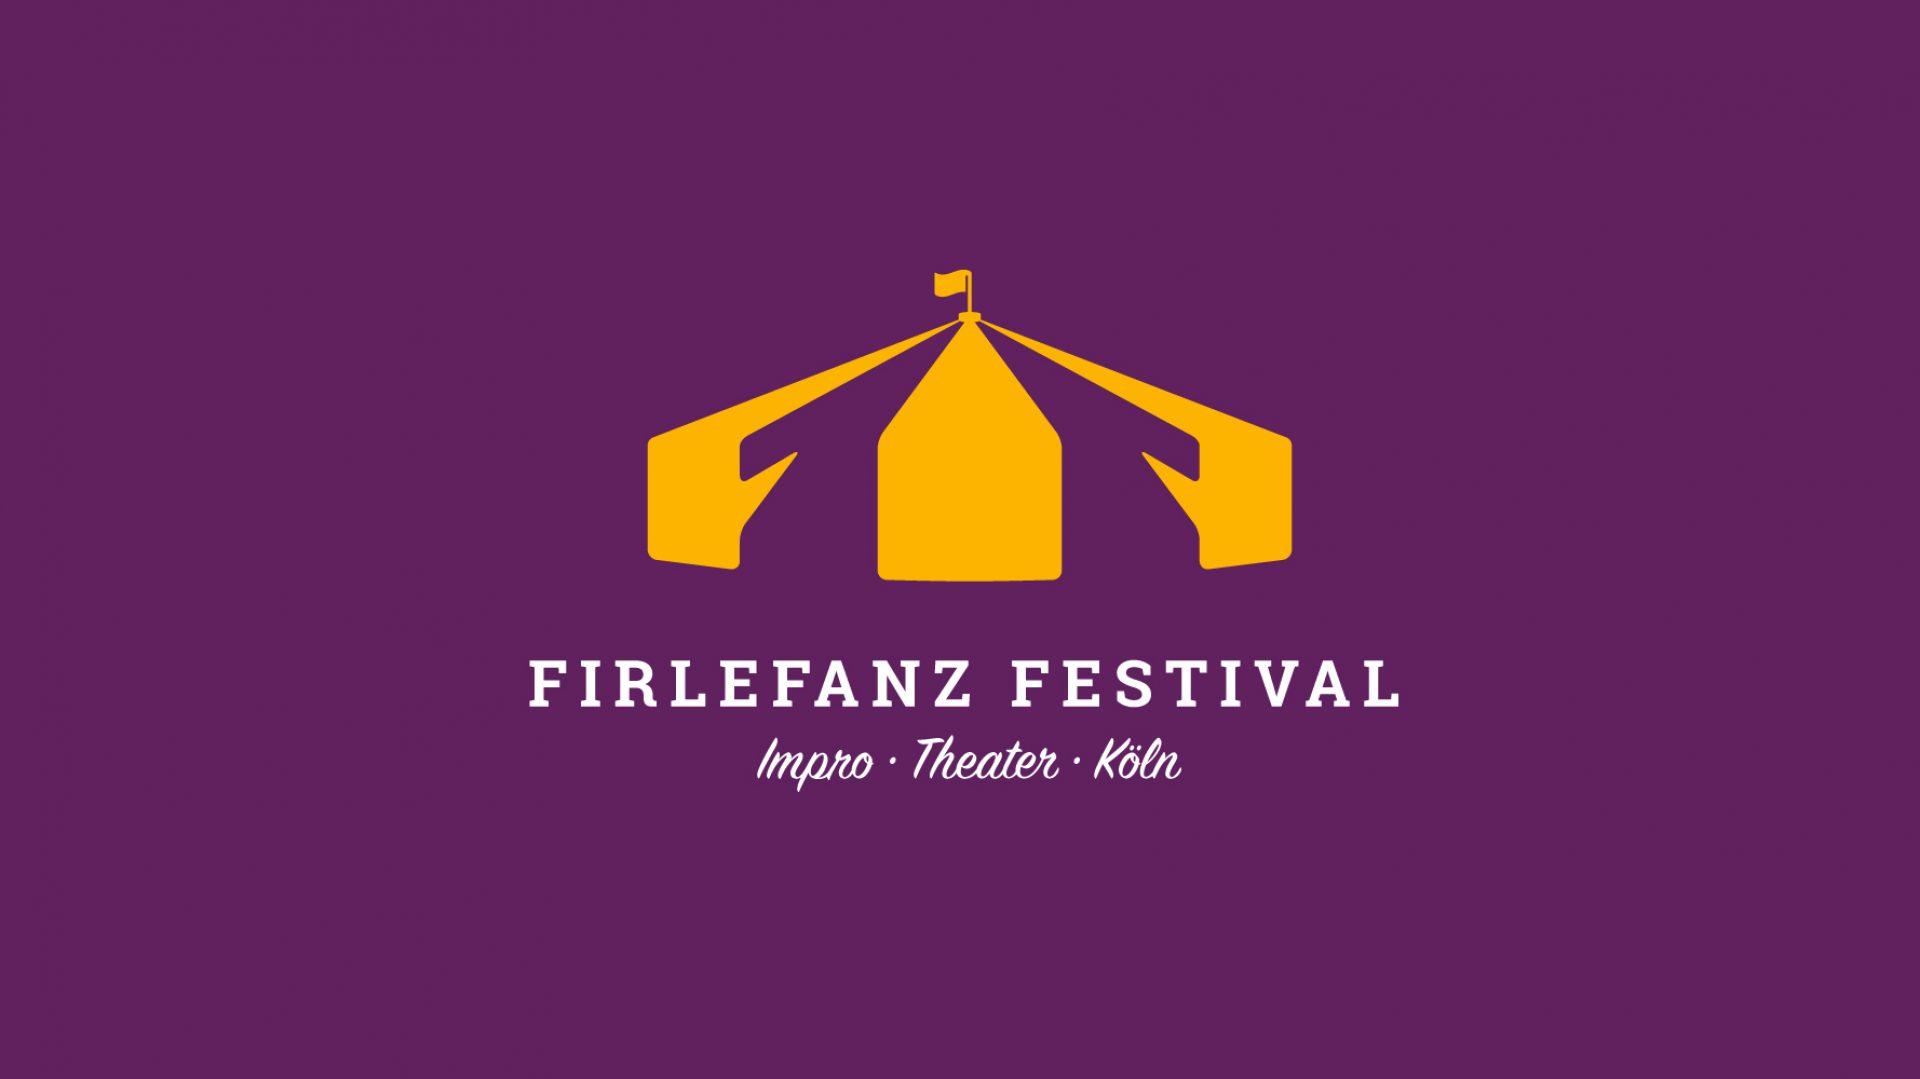 Firlefanz-Festival